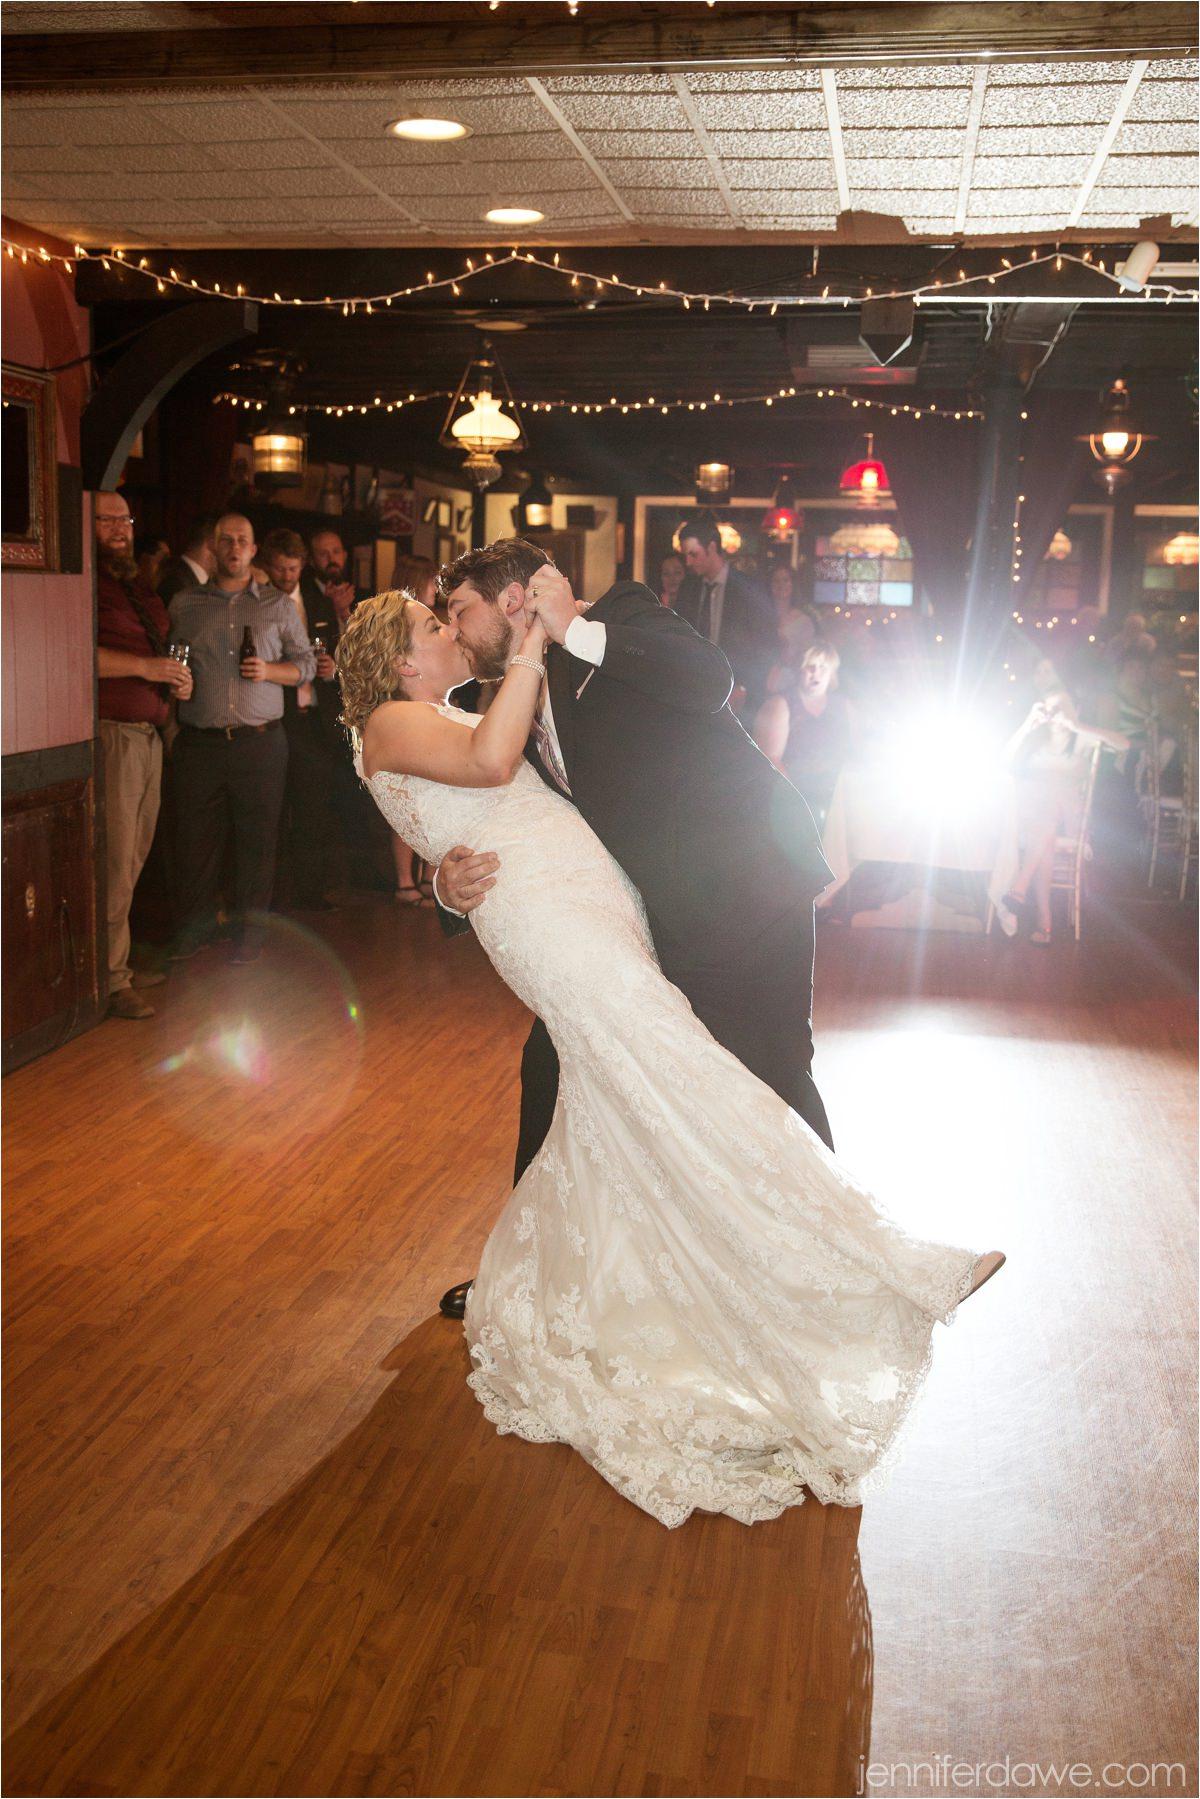 St John's Newfoundland Wedding Photographers Woodstock Wedding Best Newfoundland Wedding Photographer Jennifer Dawe Photography87